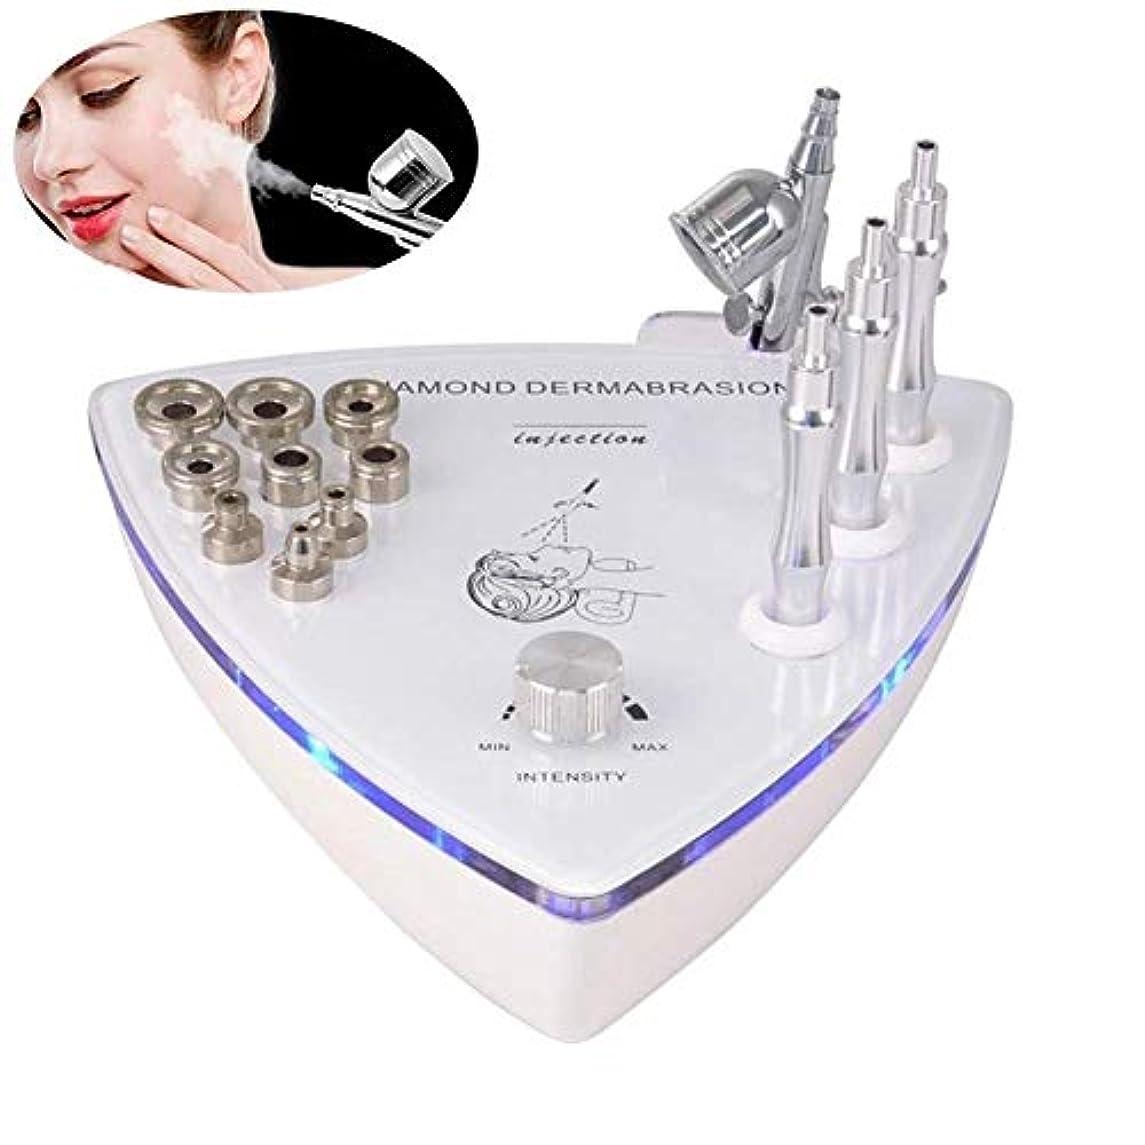 能力ラベ表面的なダイヤモンドのマイクロダーマブレーションDermabrasionマシン、スプレーガン家庭用装備のフェイシャルスキンケア美容機器(強力な吸引力:0-68cmHg)